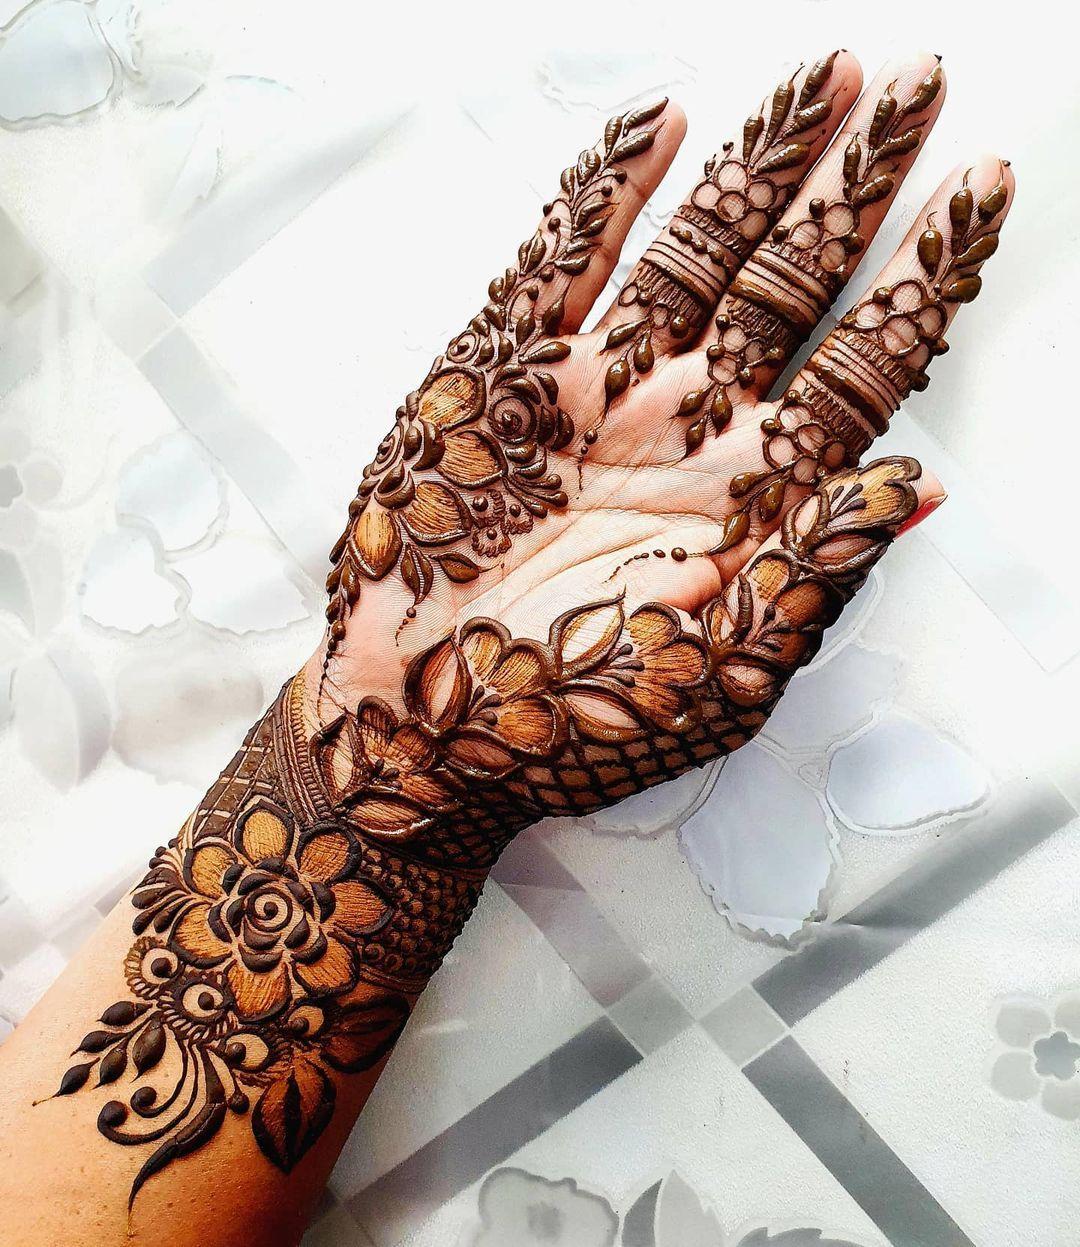 """Peeroo Institute of Mehendi on Instagram: """"mrsmufiidahpeeroo#peeroomehendi#mehndiartist#mehndiart#mehendidesign#bridalmehendi#henna#heena#hennadesign#hennaartist#hennaartistmauritius…"""""""